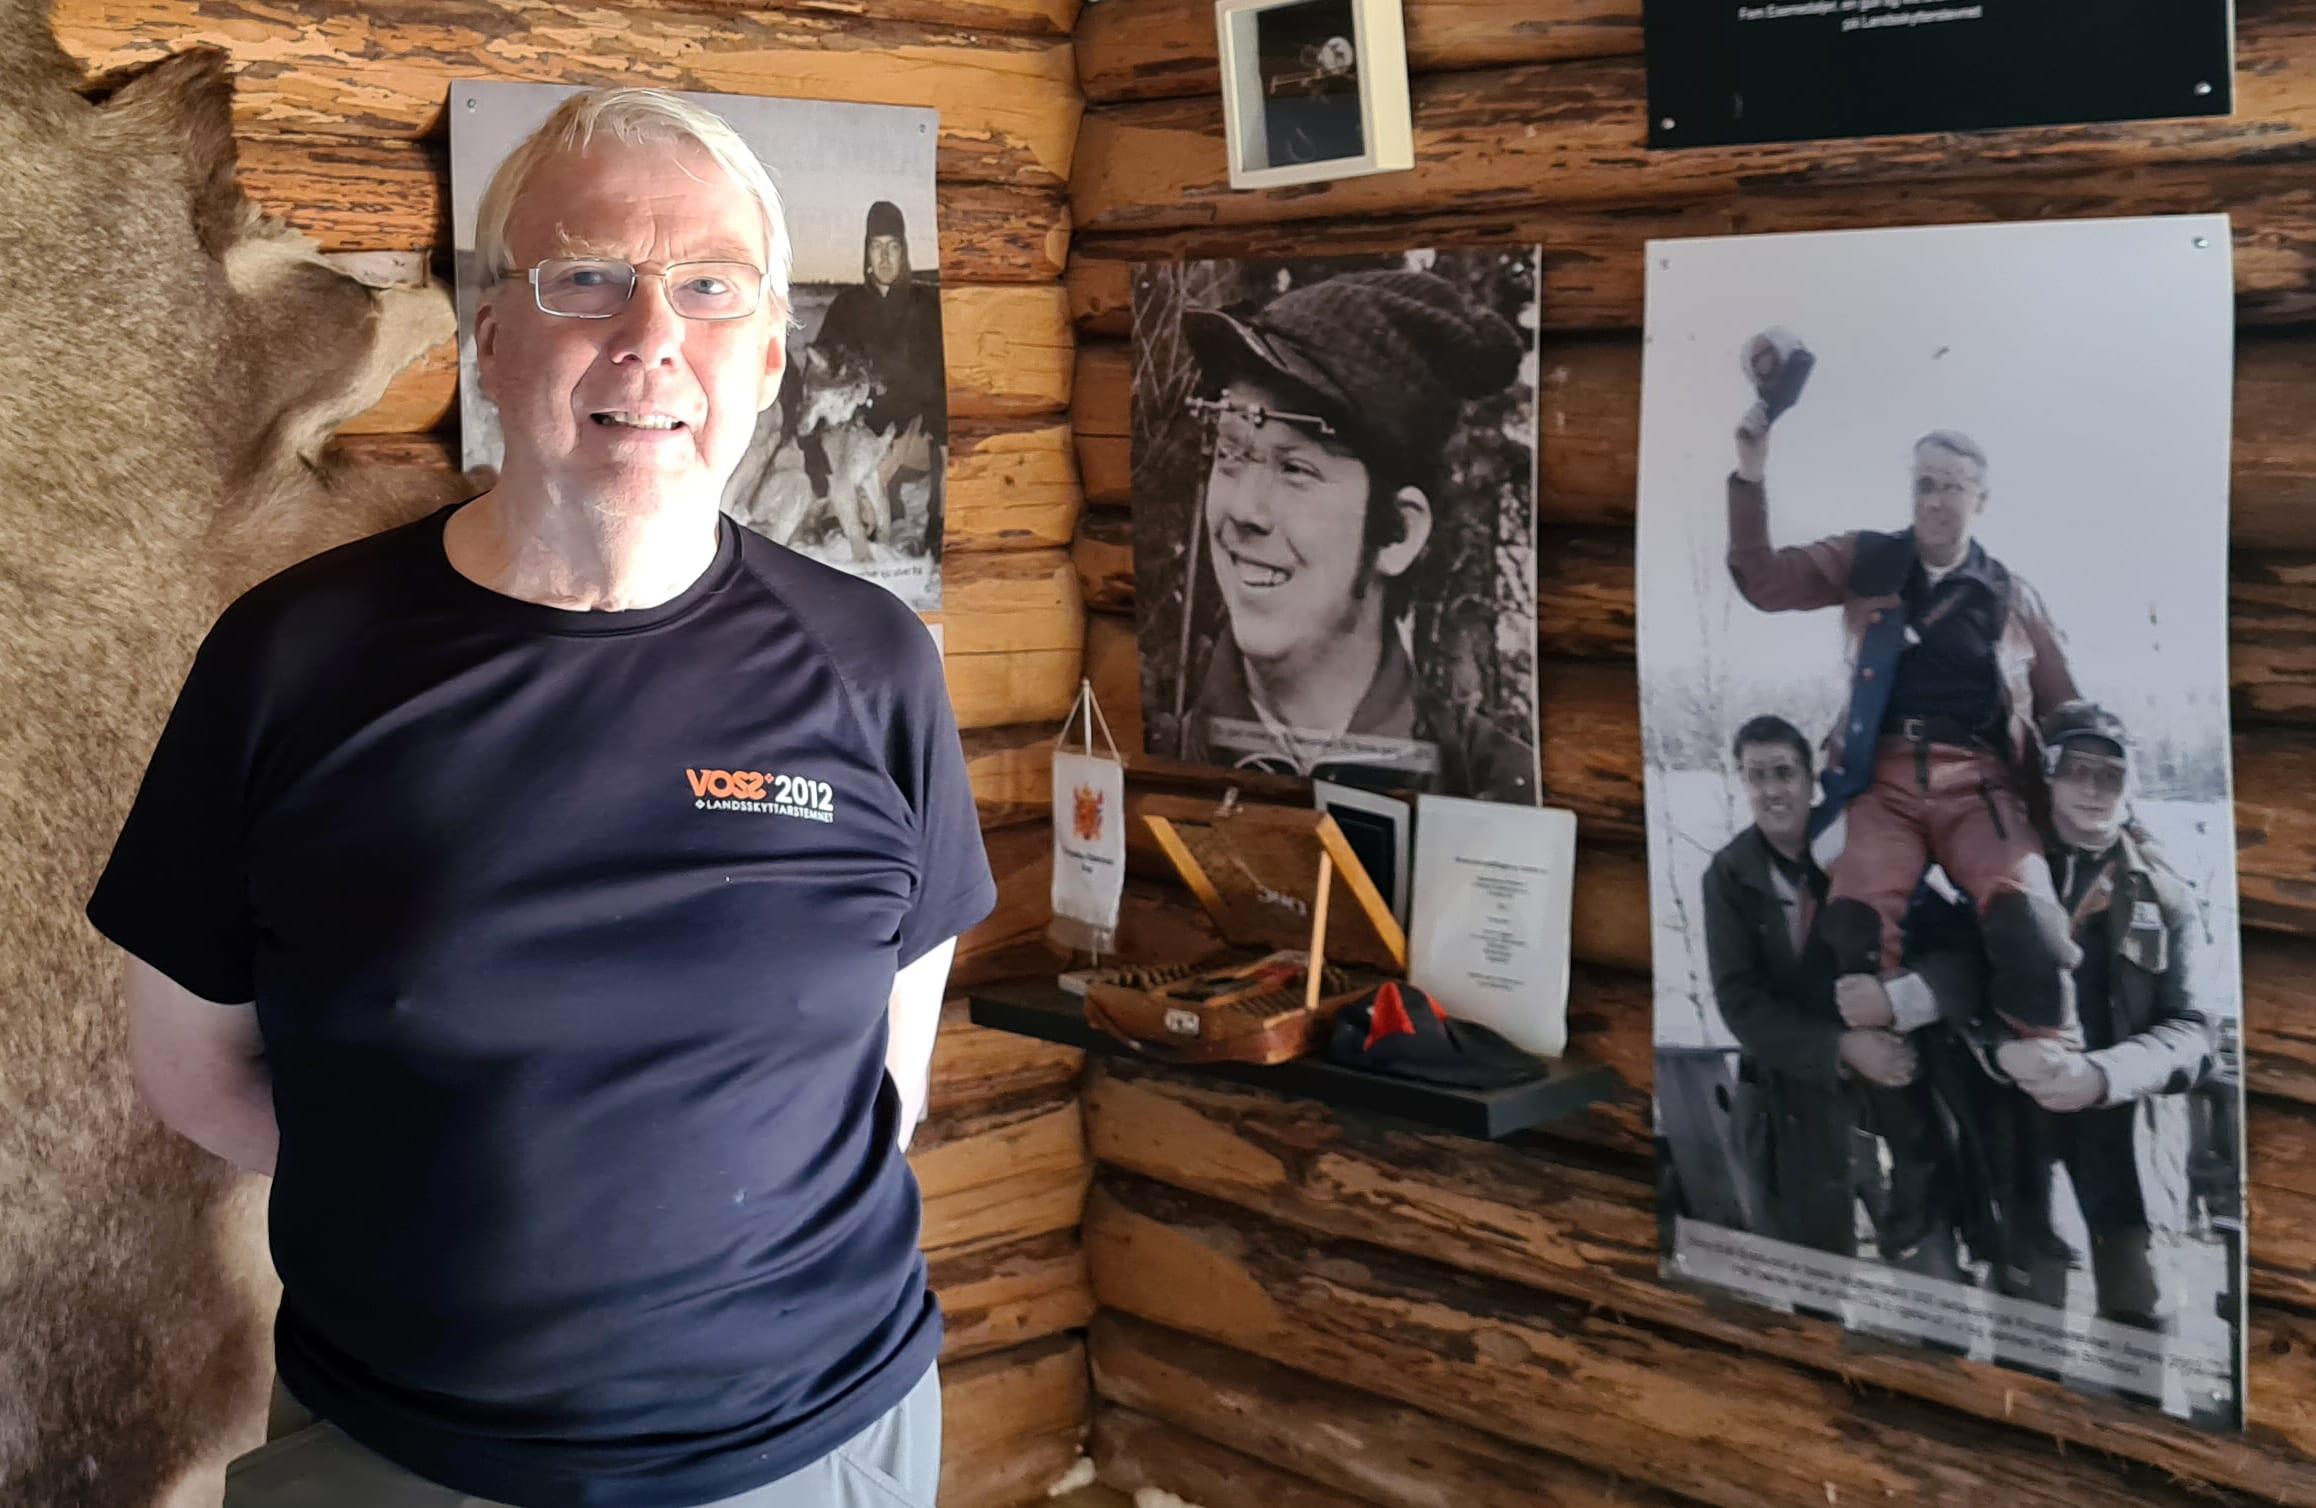 VIL IKKE MENE NOE: I juni besøkte Stein Erik Bredvold utstillinga i Bredvoldstua for første gang etter at den ble flyttet inn i nye lokaler på Gravberget gård. Åsnes-politikernes ønske om å ta utstillingen hjem vil han ikke mene så mye om.